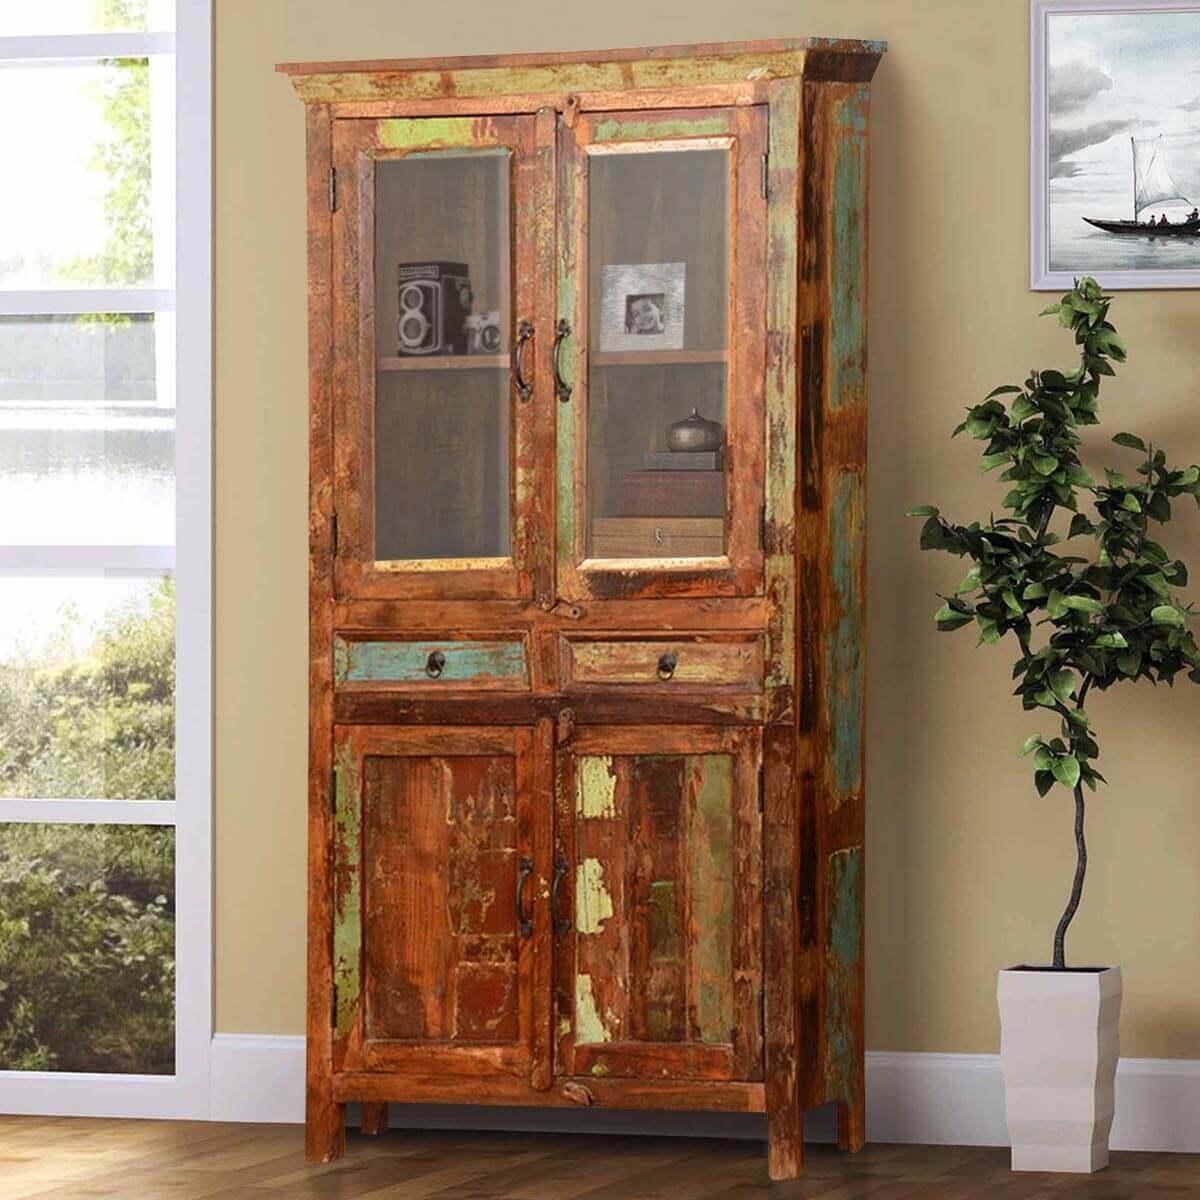 """Pioneer Rustic Reclaimed Wood 70.5"""" Breakfront Hutch Cabinet - Pioneer Rustic Reclaimed Wood 70.5"""